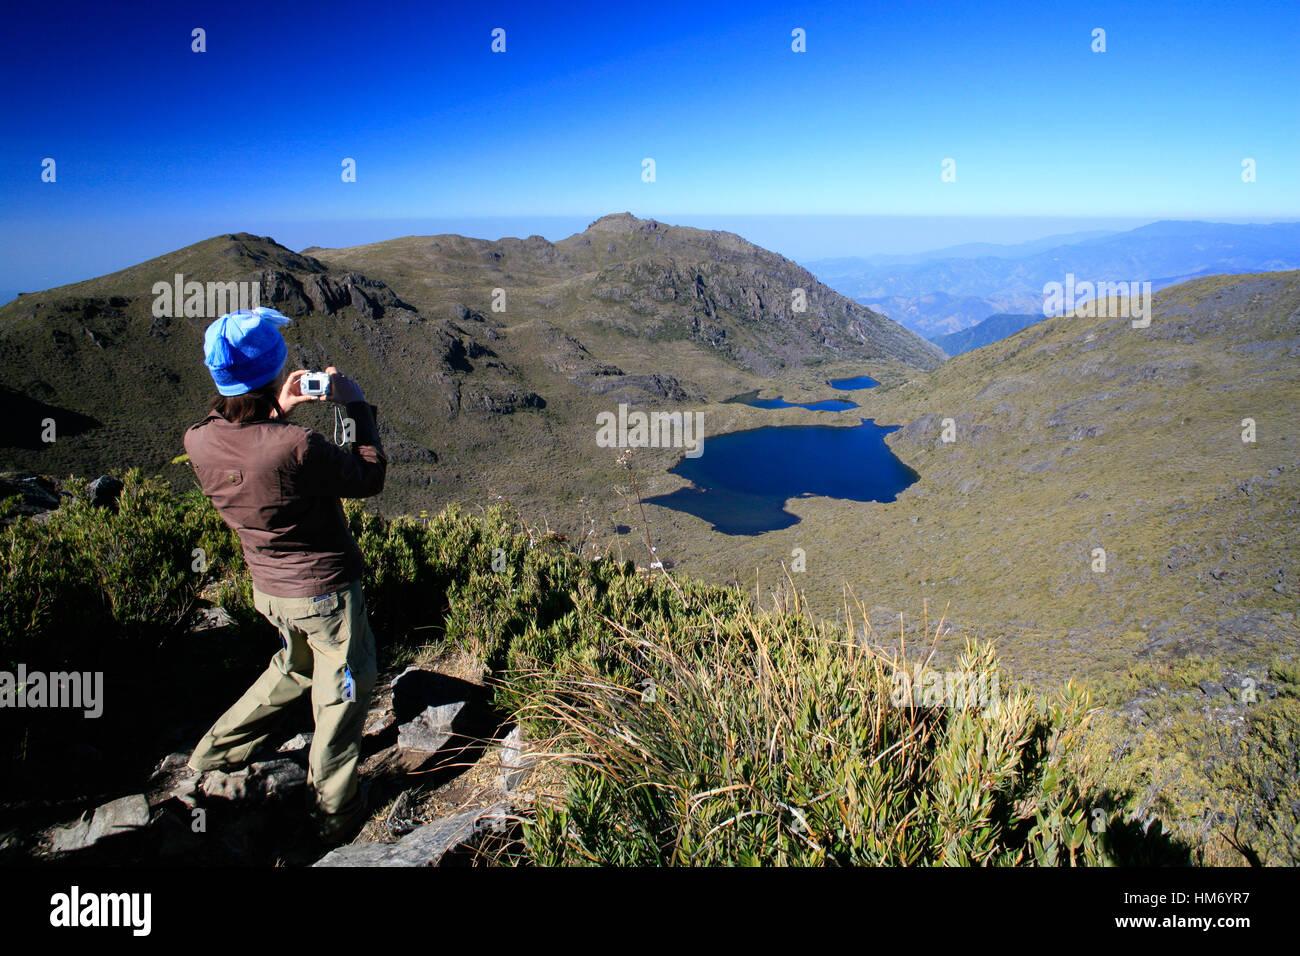 Turista mirando el Lago Chirripó desde la cumbre del Monte Chirripó, la montaña más alta de Imagen De Stock